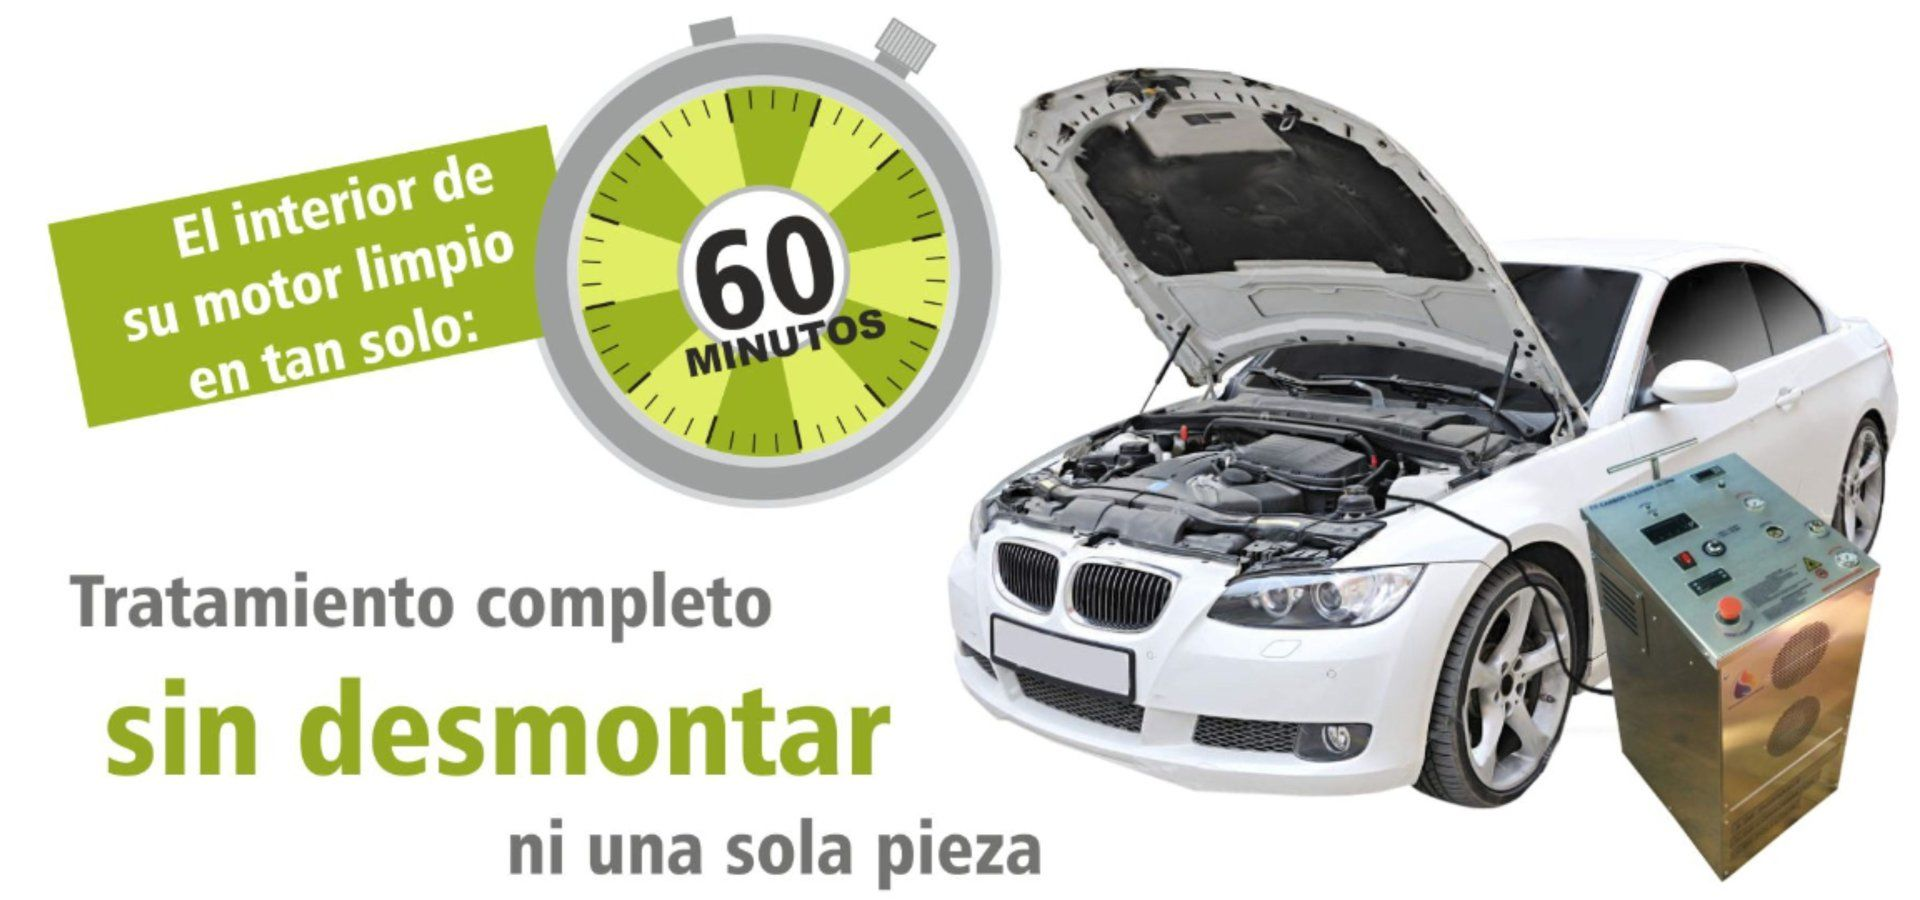 Servicio de Descarbonización Interna del Motor en Hemanos Salvador Basauri , Vizcaya